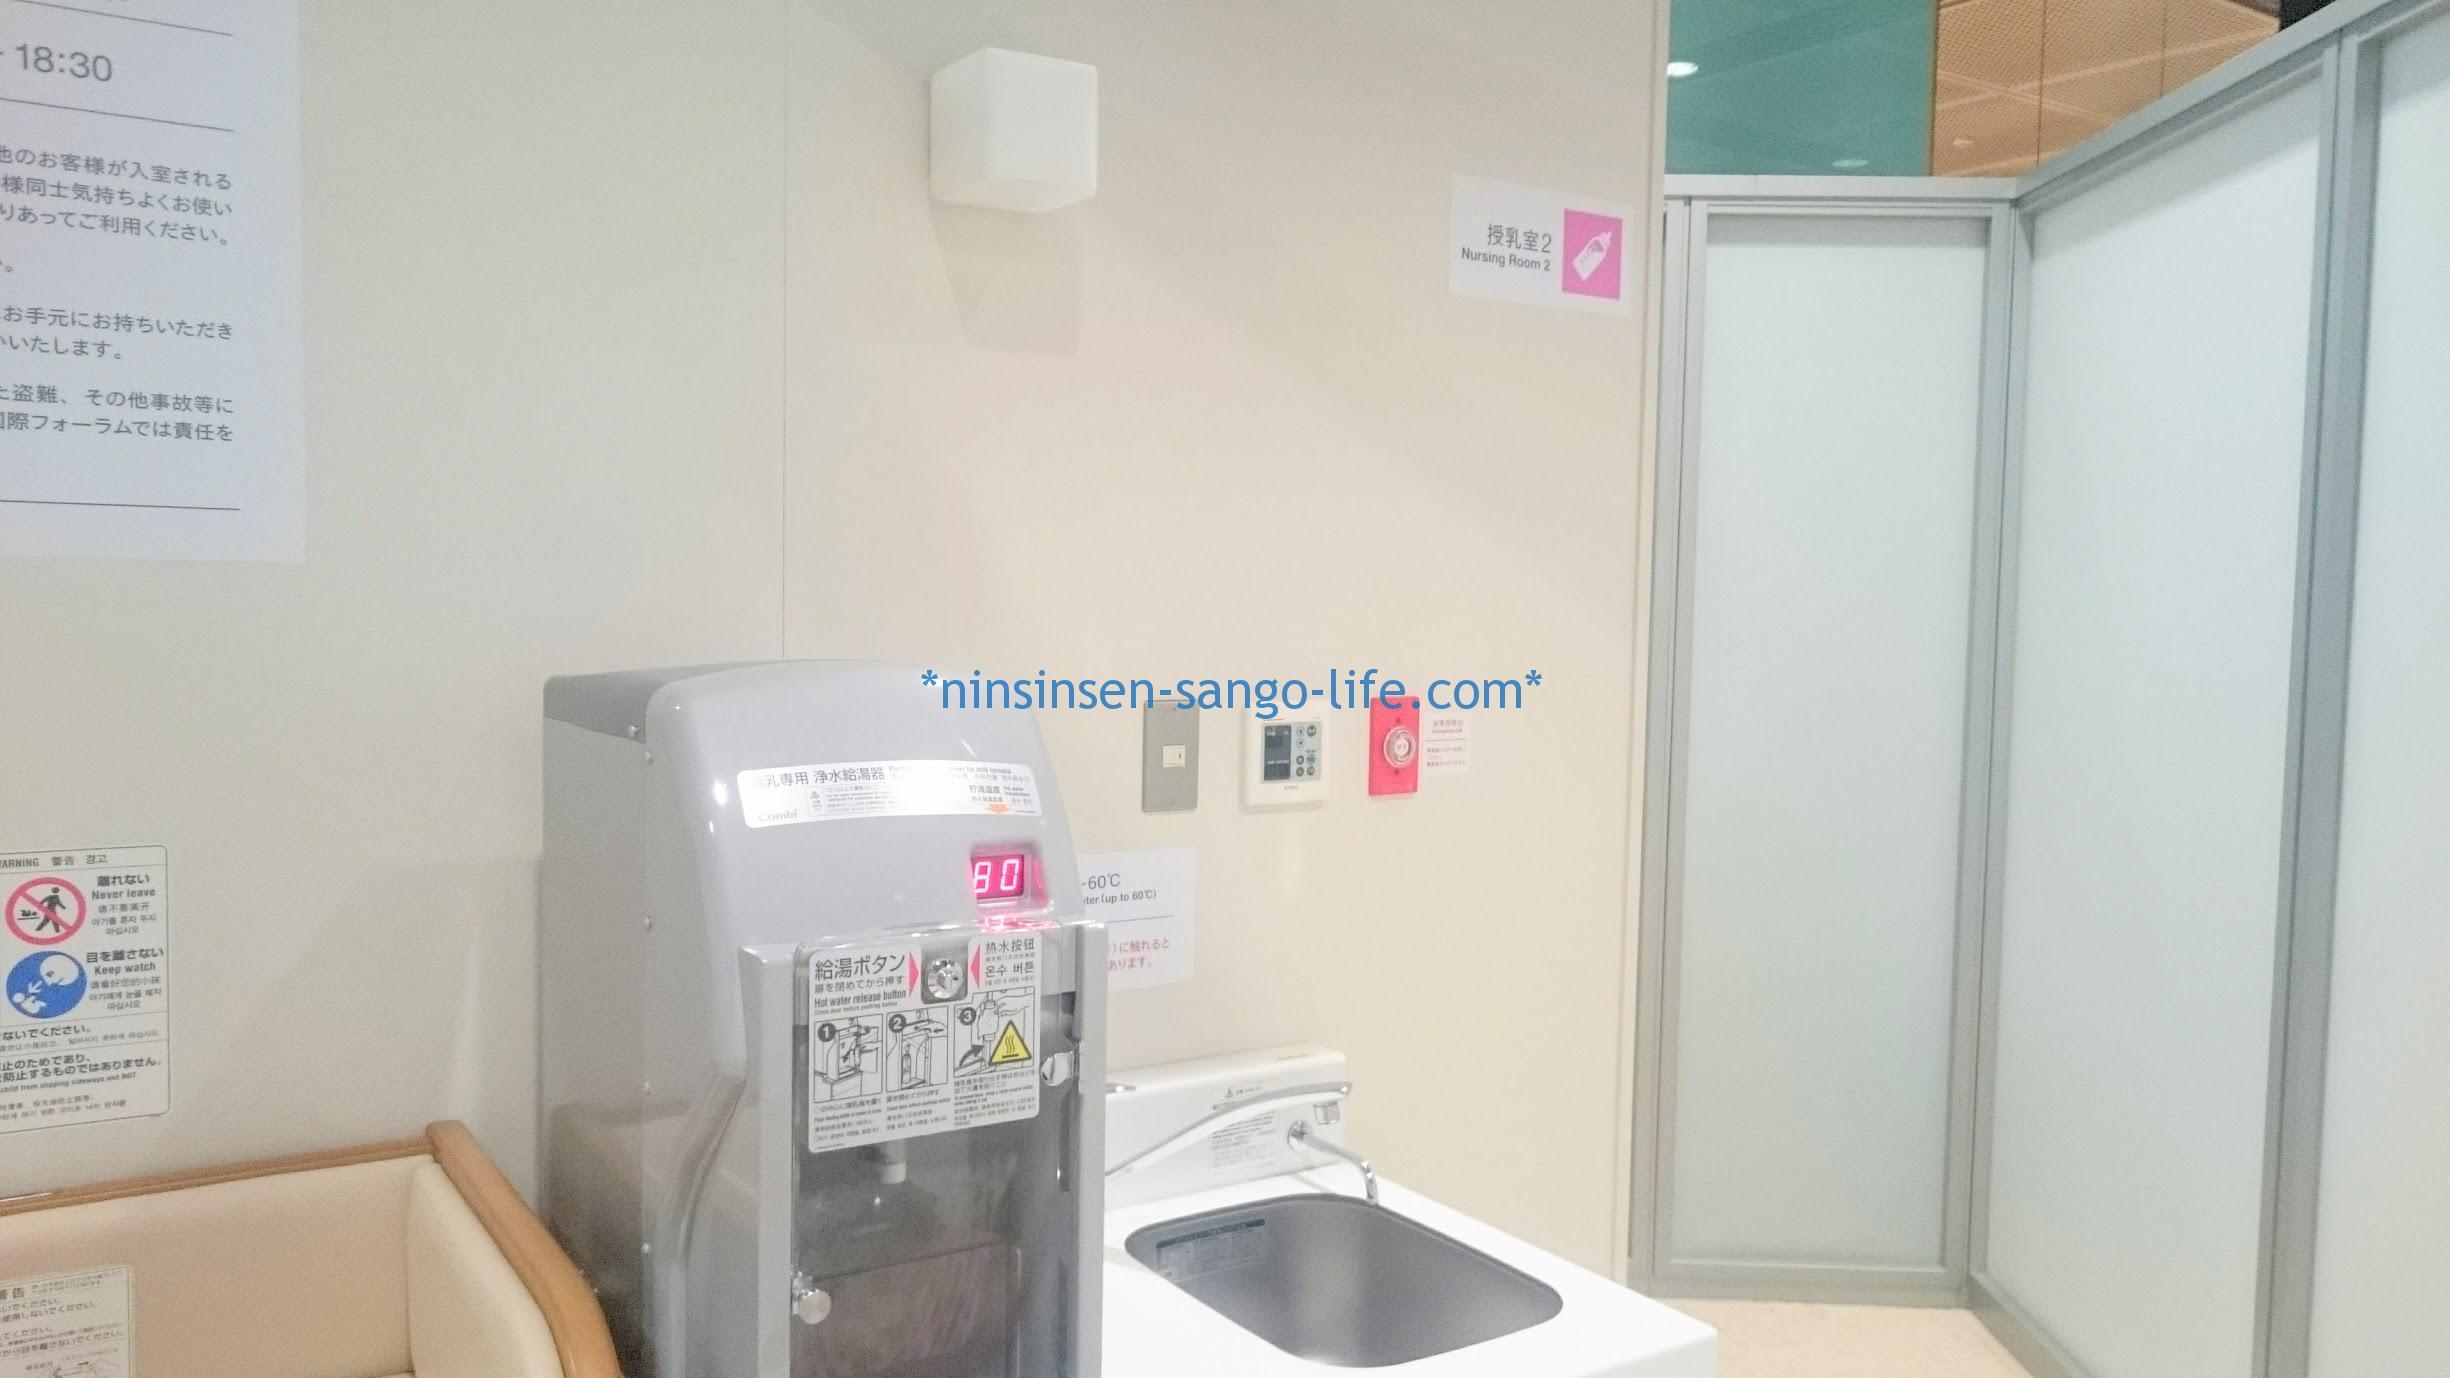 東京国際フォーラム授乳室